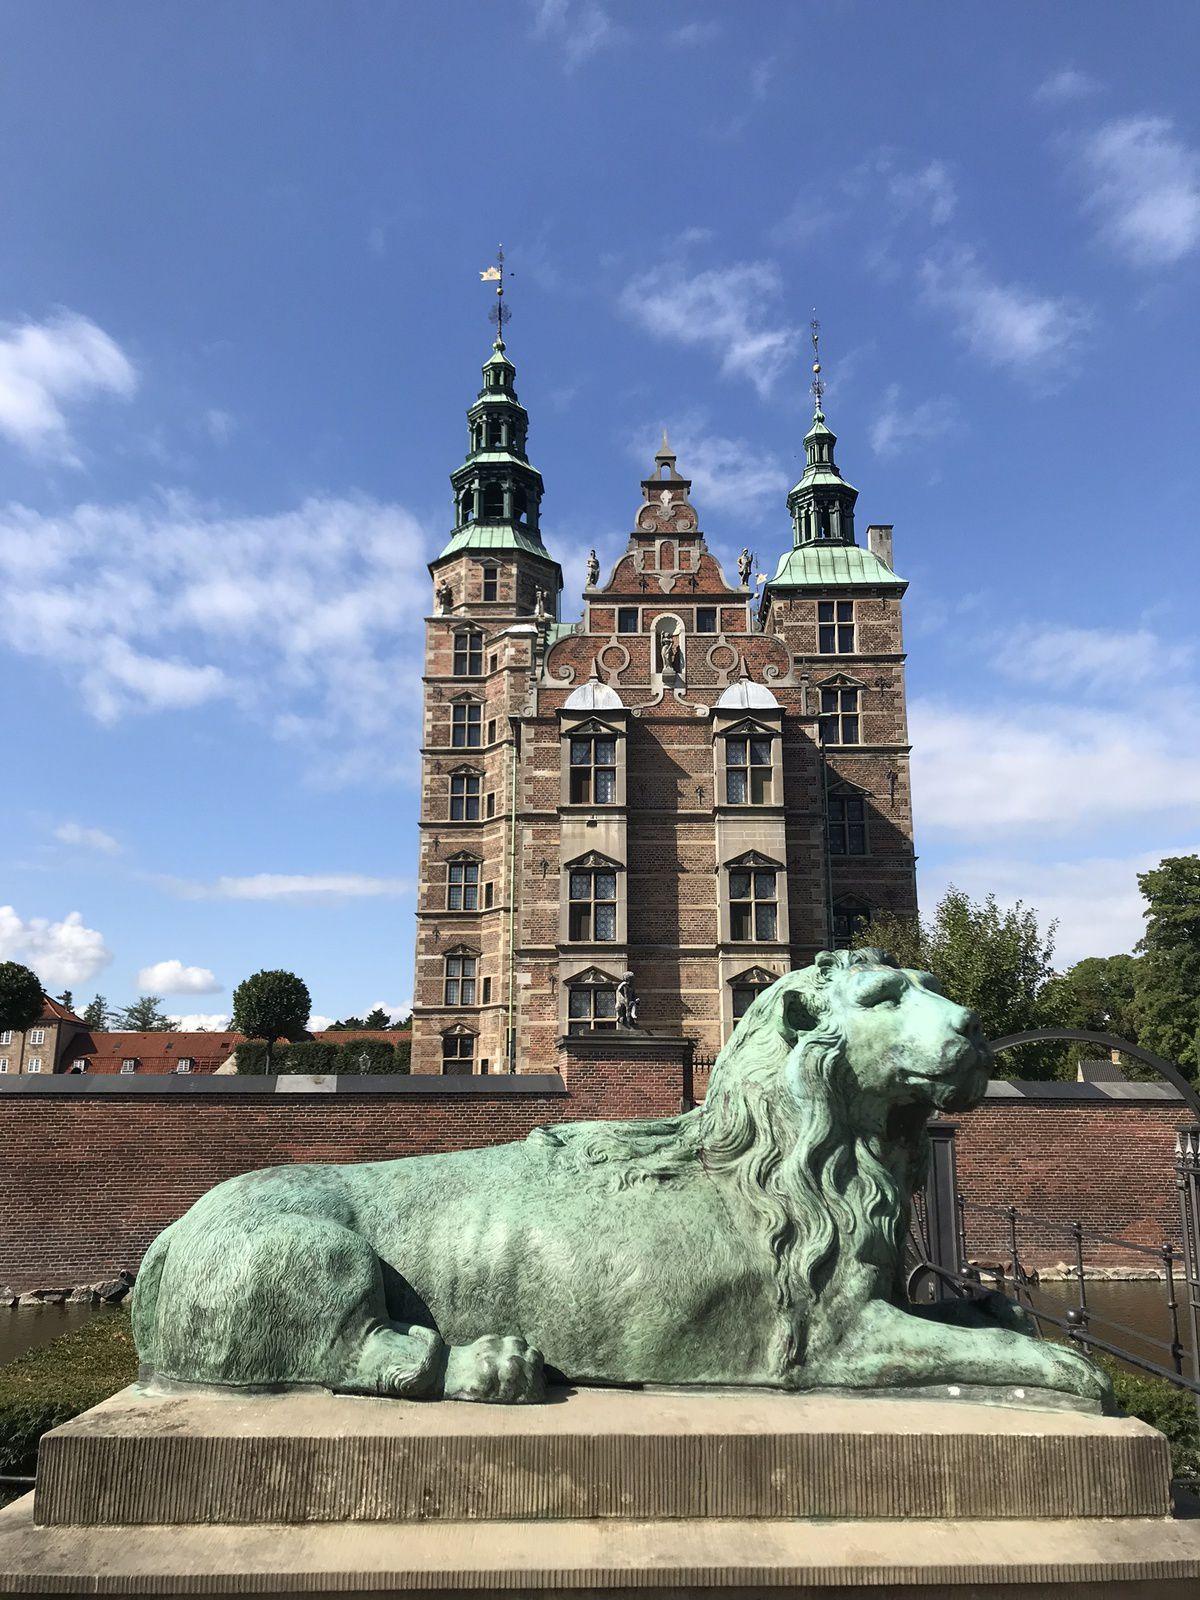 La Round Tower e il Castello di Rosenborg meritano una visita!